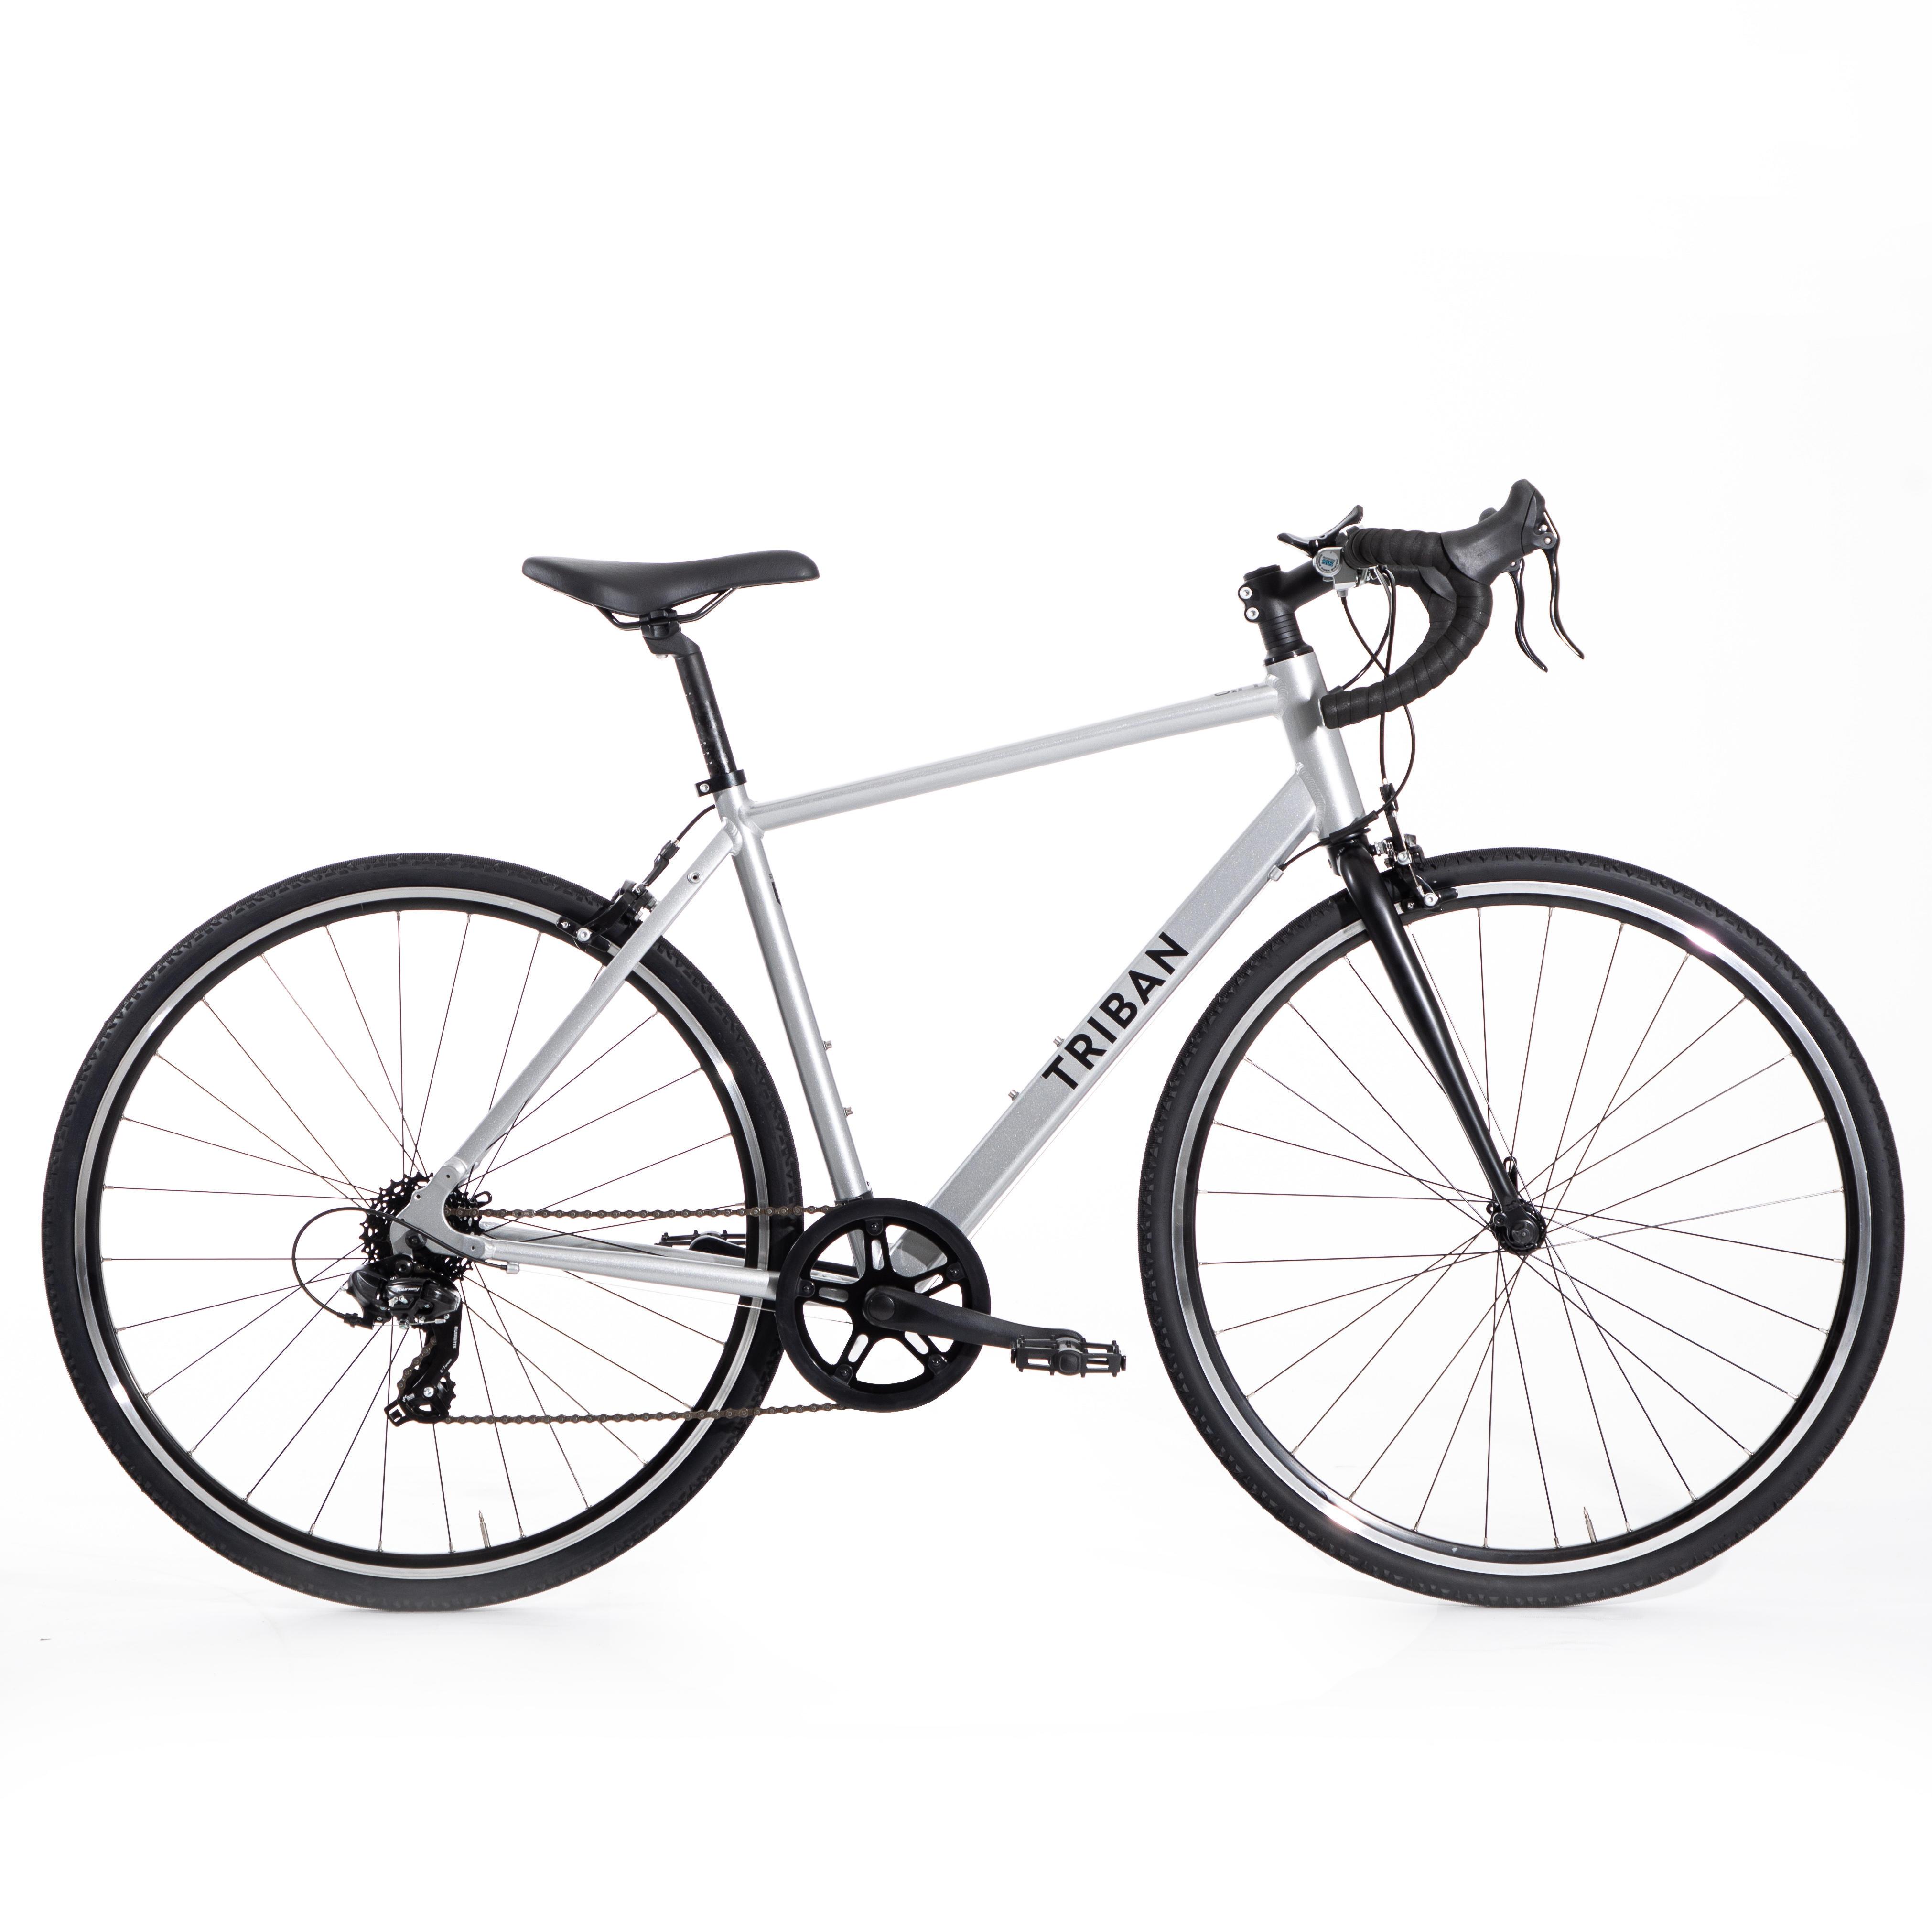 Herenracefiets voor recreatief fietsen RC100 (Of centjes om deze te kopen)